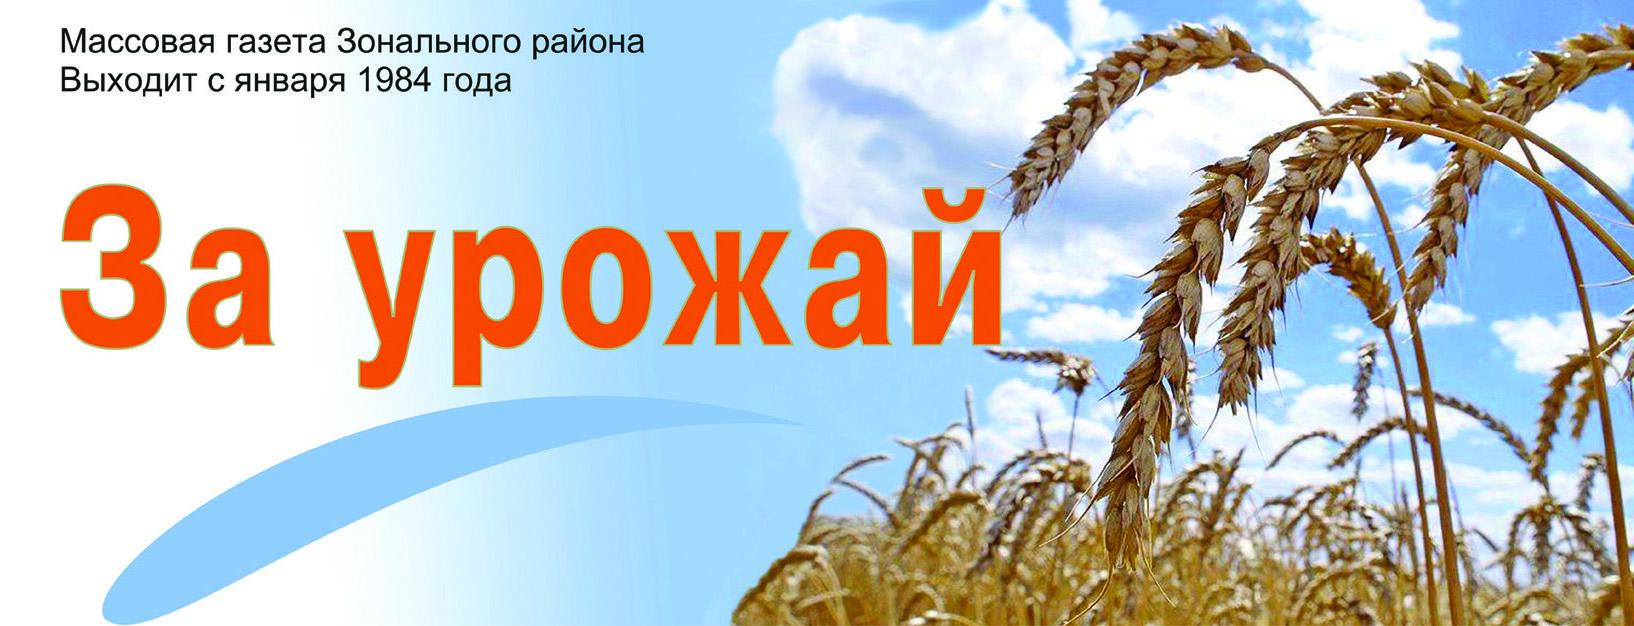 Газета за урожай зональный район дать объявление дать объявление неустроев